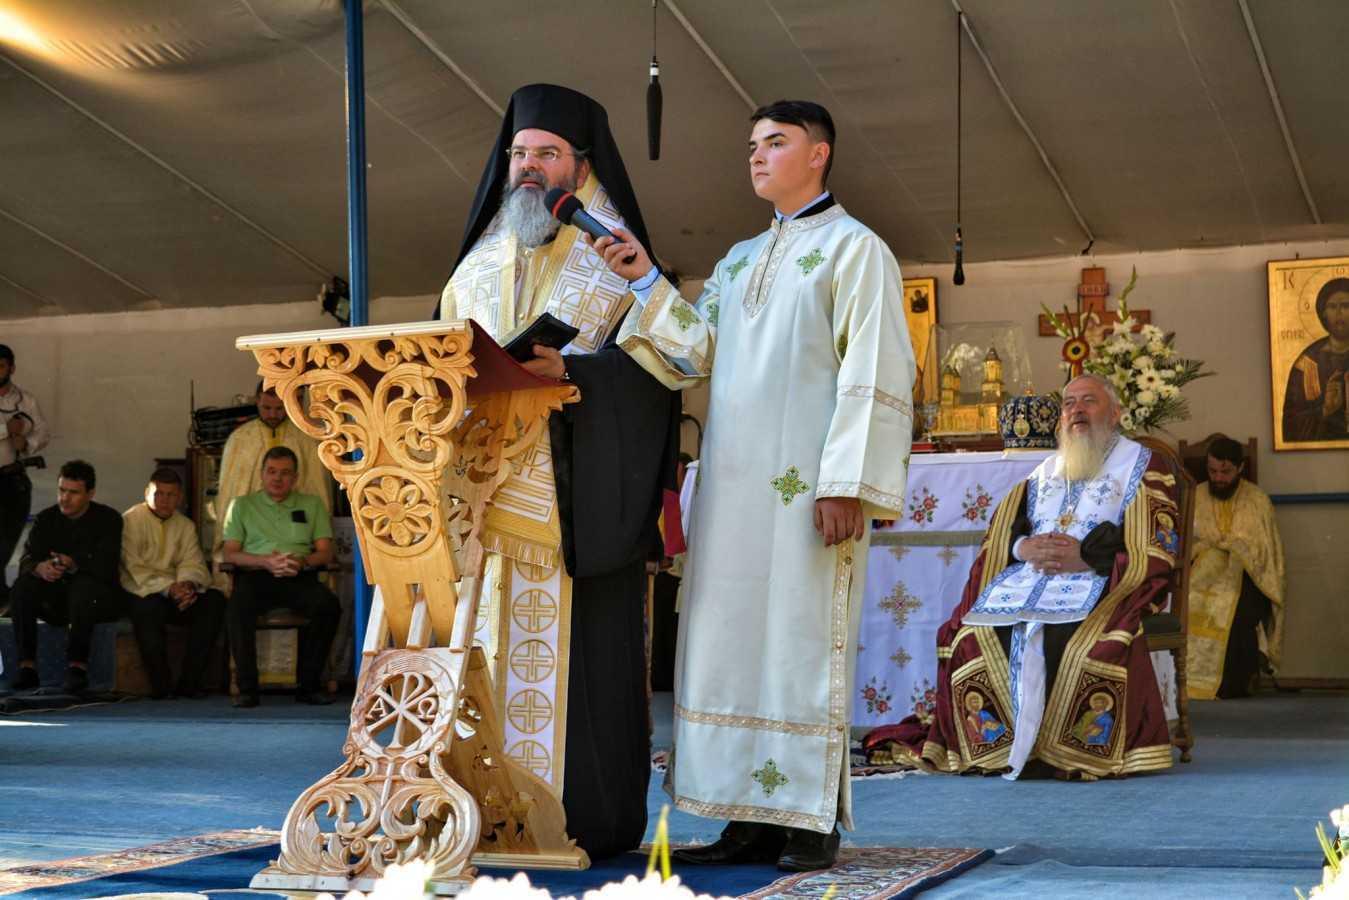 Cuvant puternic al Preasfintitului Ignatie Muresanul la Nicula despre ATACURILE SI MANIPULARILE LA ADRESA BISERICII in numele fals al &#8220;tolerantei&#8221;: <i>&#8220;EUROPA ESTE MURIBUNDĂ, n-are nevoie de Biserică, de familie, de Dumnezeu. AVEȚI GRIJĂ DE COPIII DVS., nu-i lăsaţi să fie contaminaţi de ideologiile lumii de astăzi! NU EXISTĂ UN ALT FEL DE FAMILIE!&#8221;</i> (video)